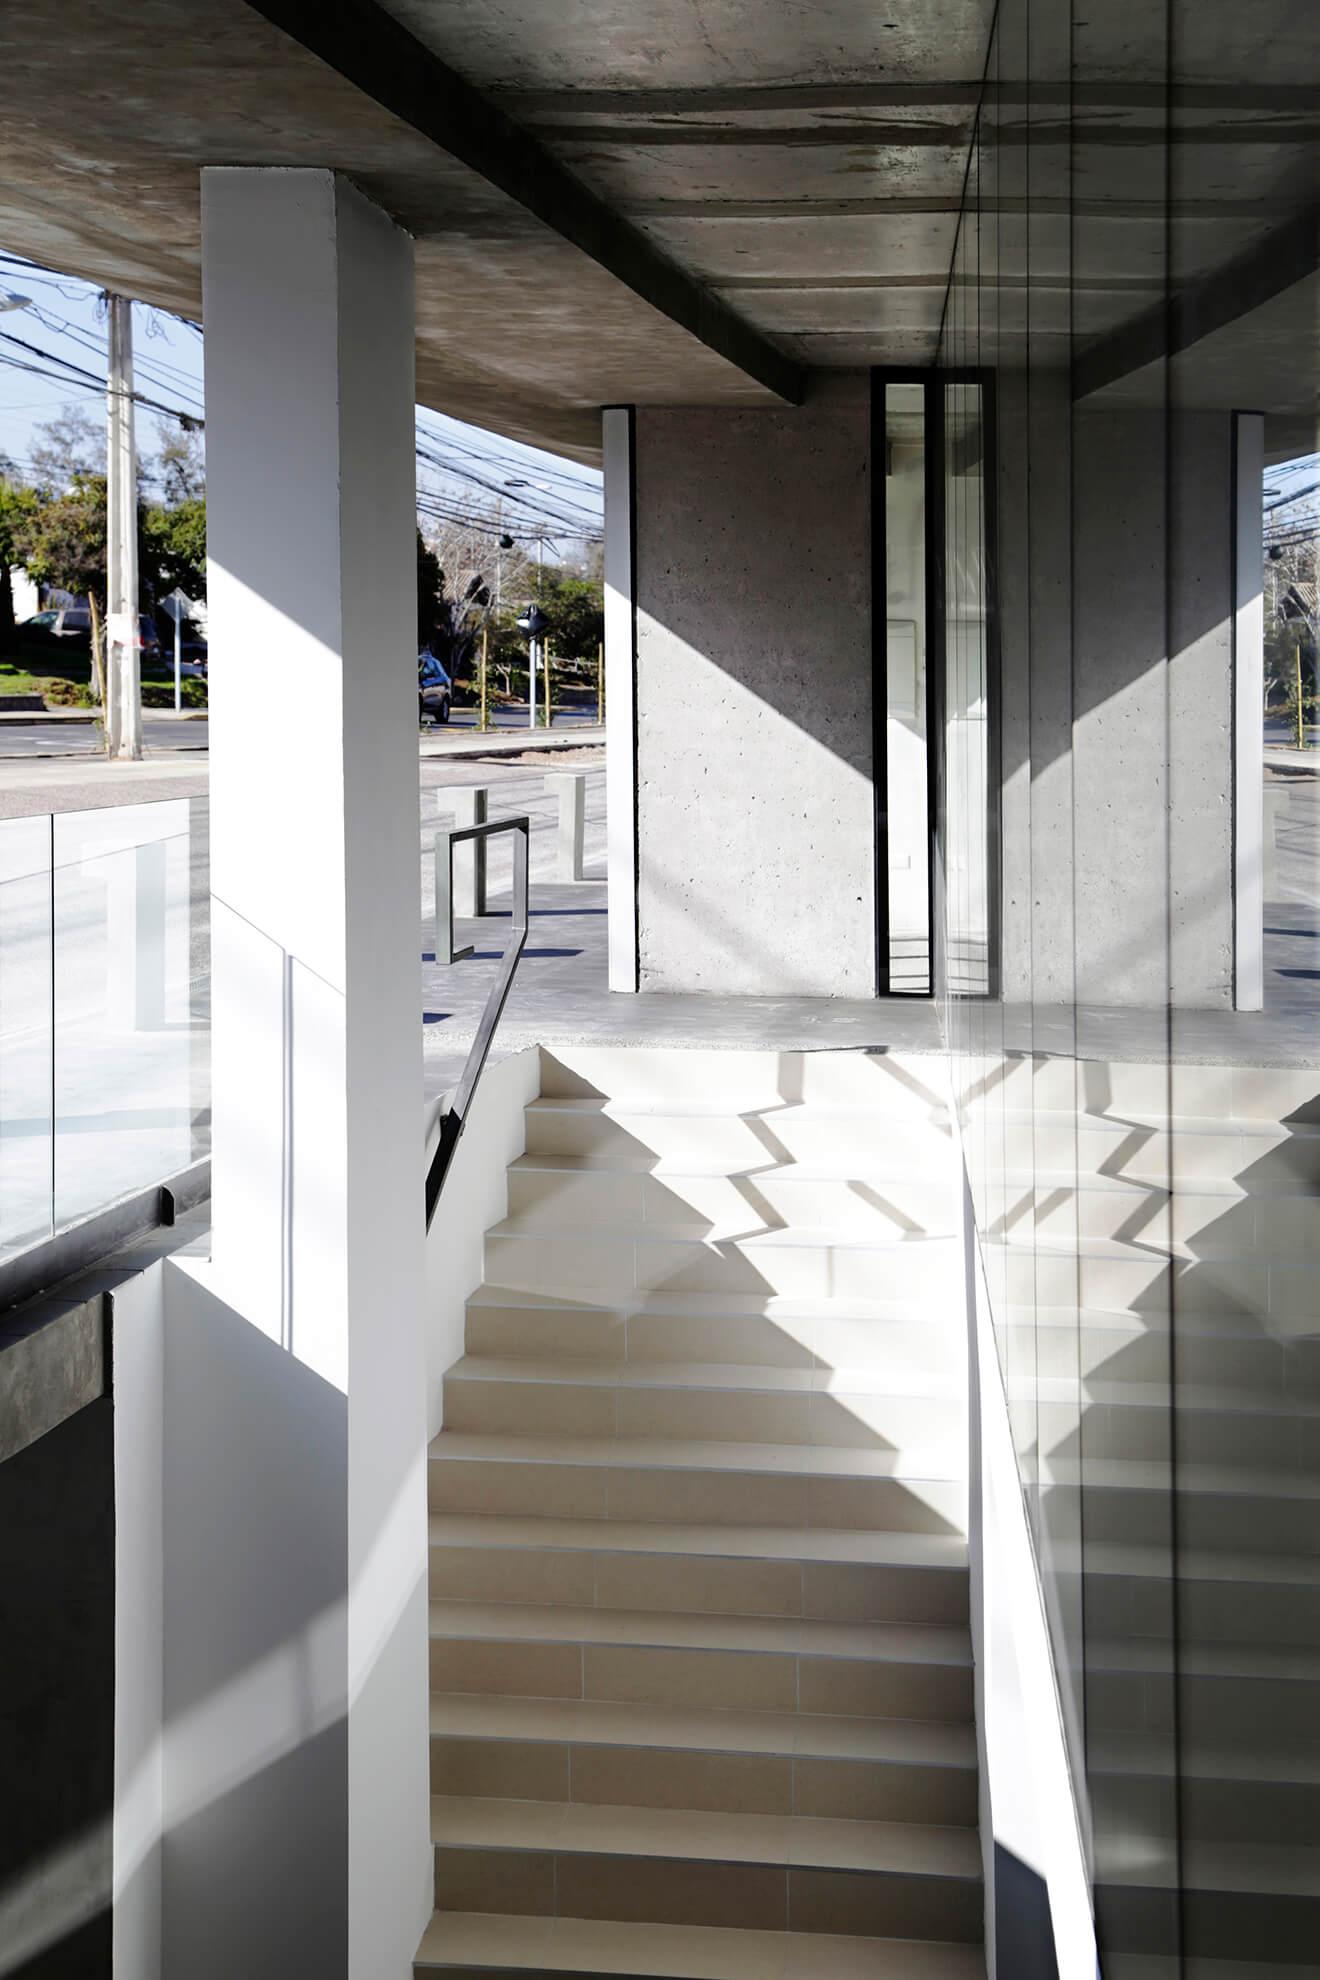 Edificio-Atrium-escalera-cisternas-construcción-constructora-Rencoret-La-Serena